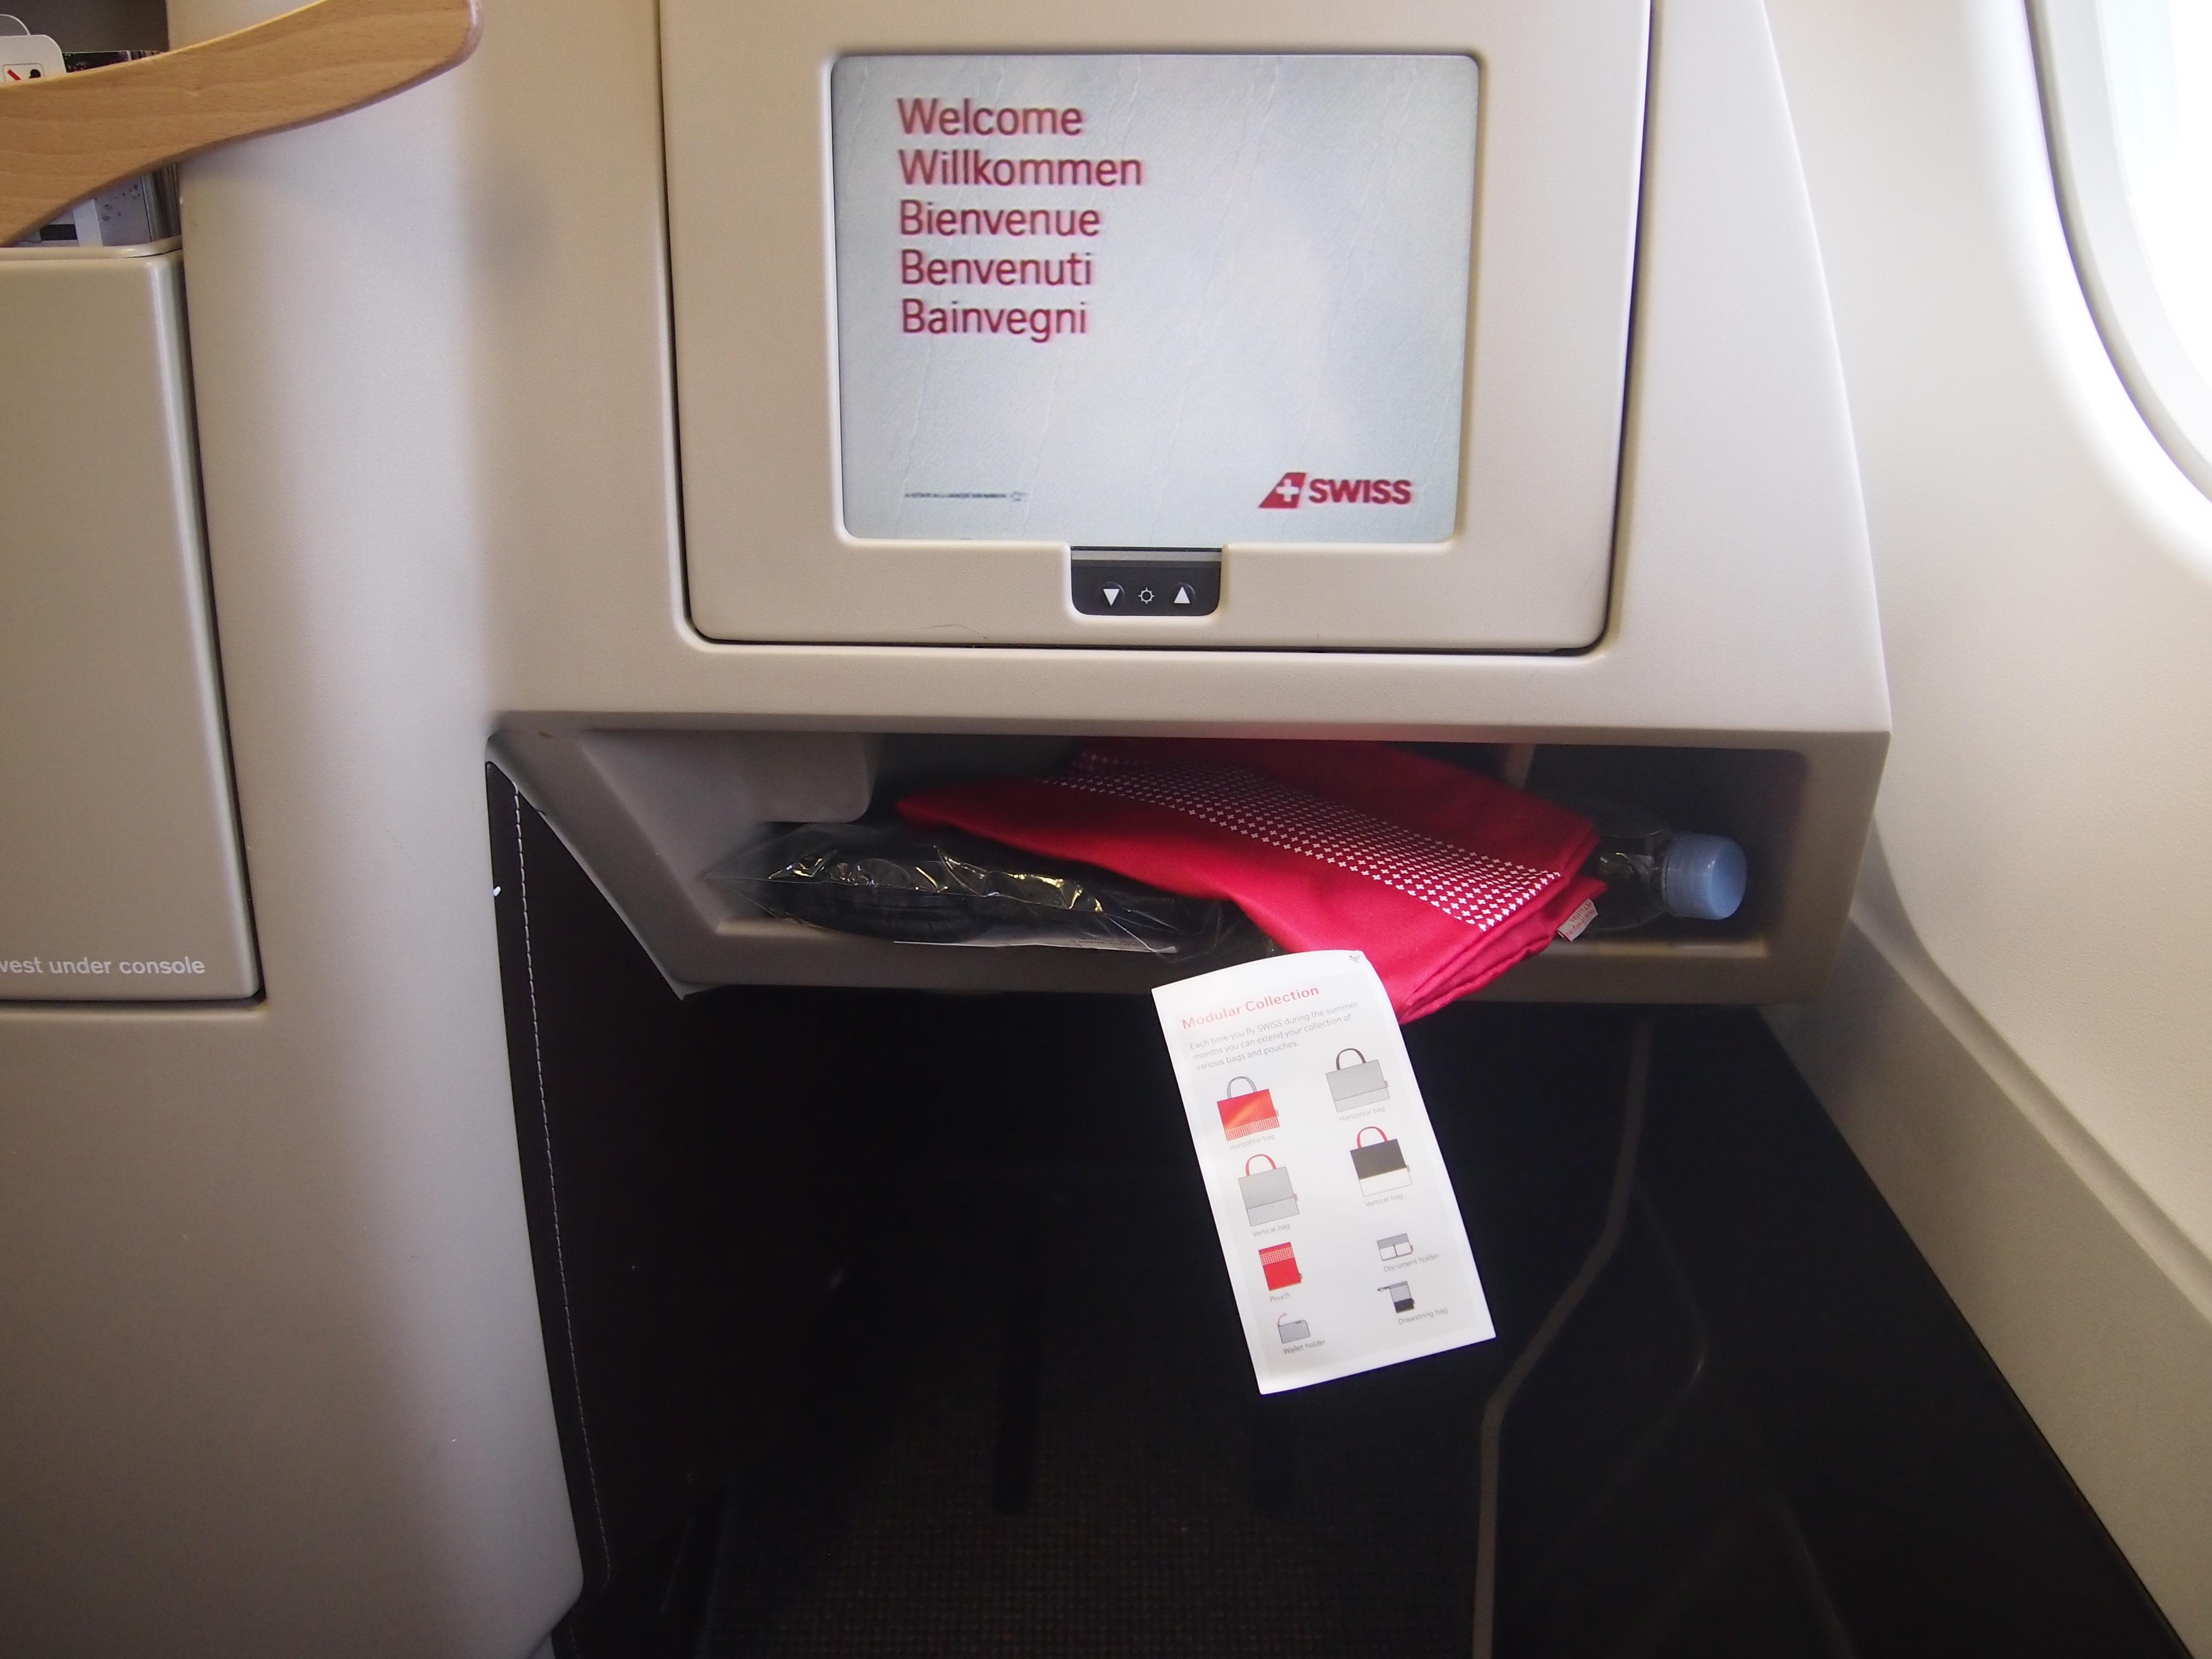 スイス航空-ビジネスクラス-モニター